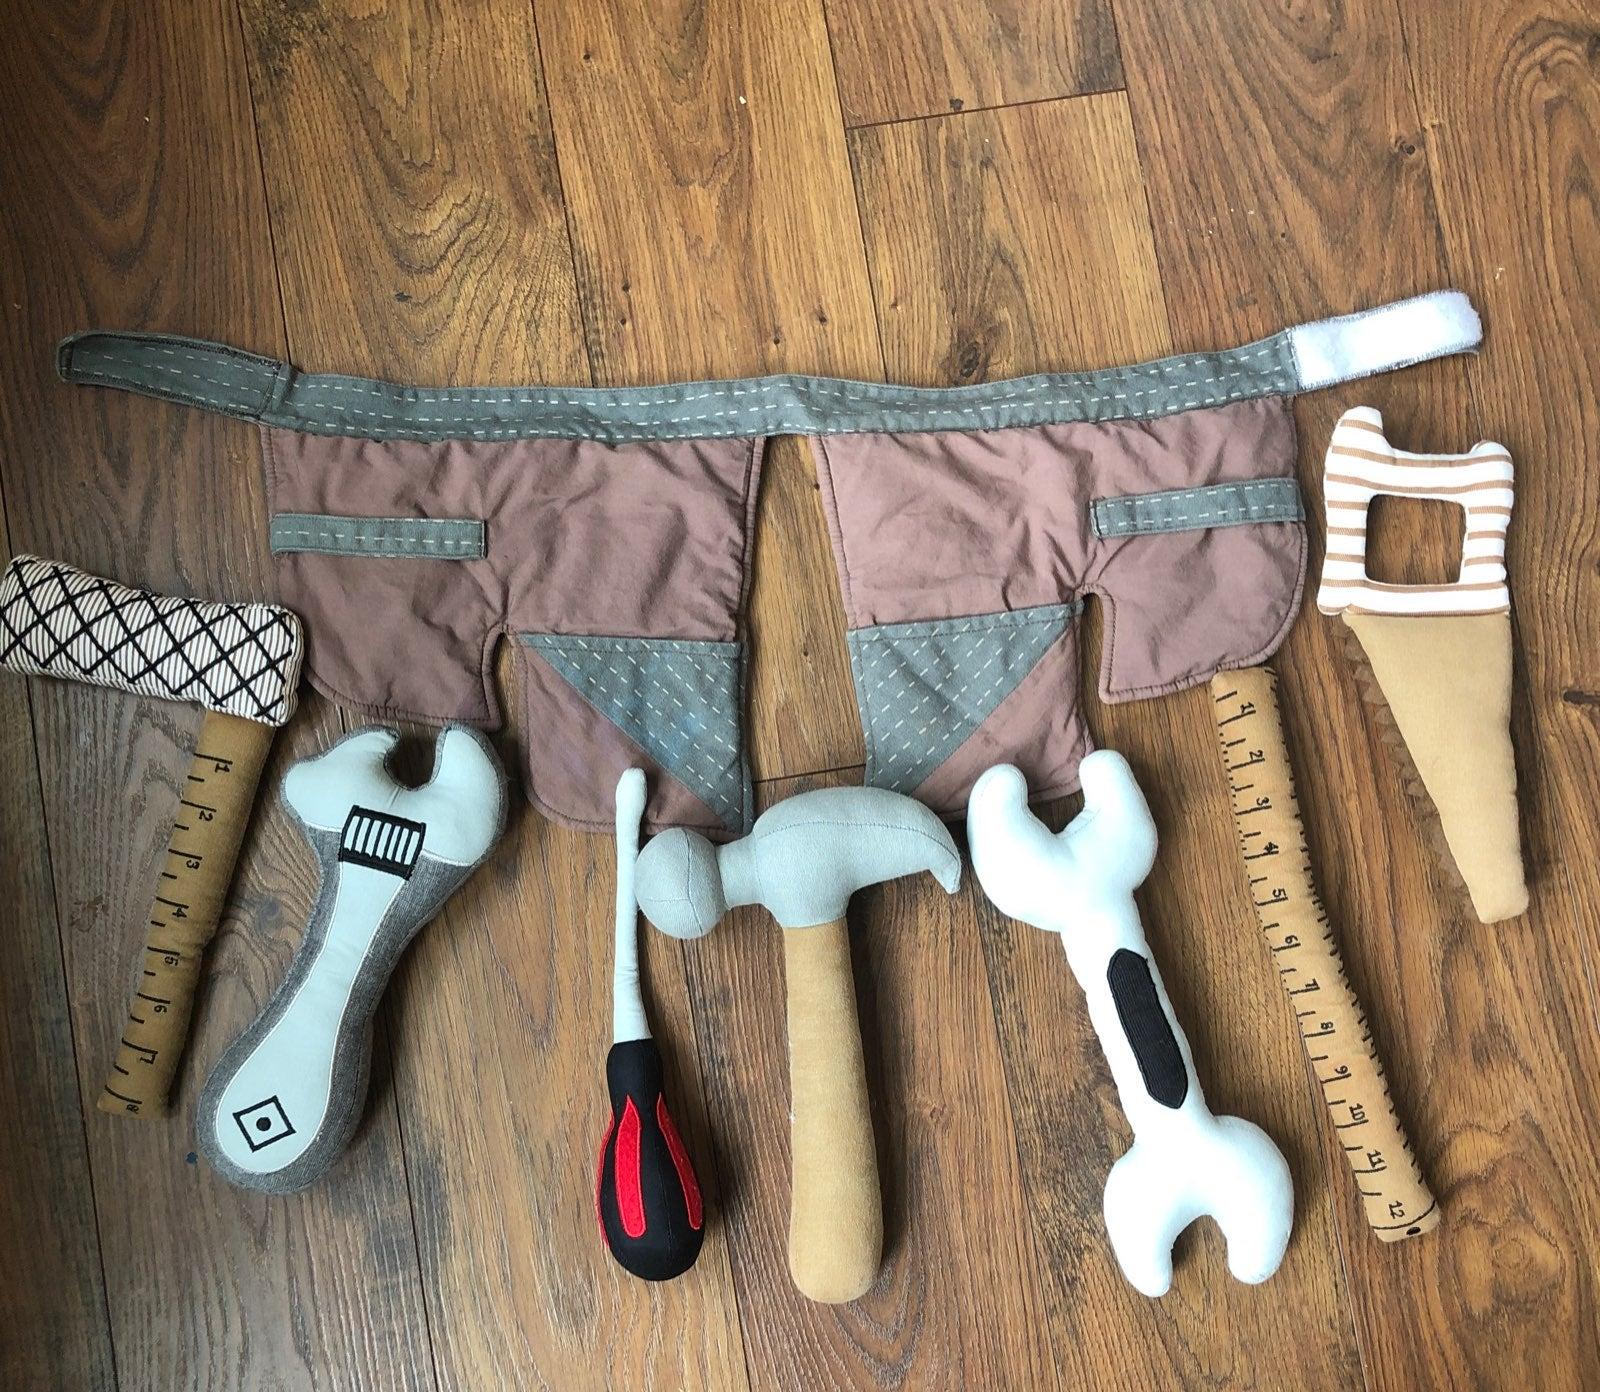 Land of Nod play tools